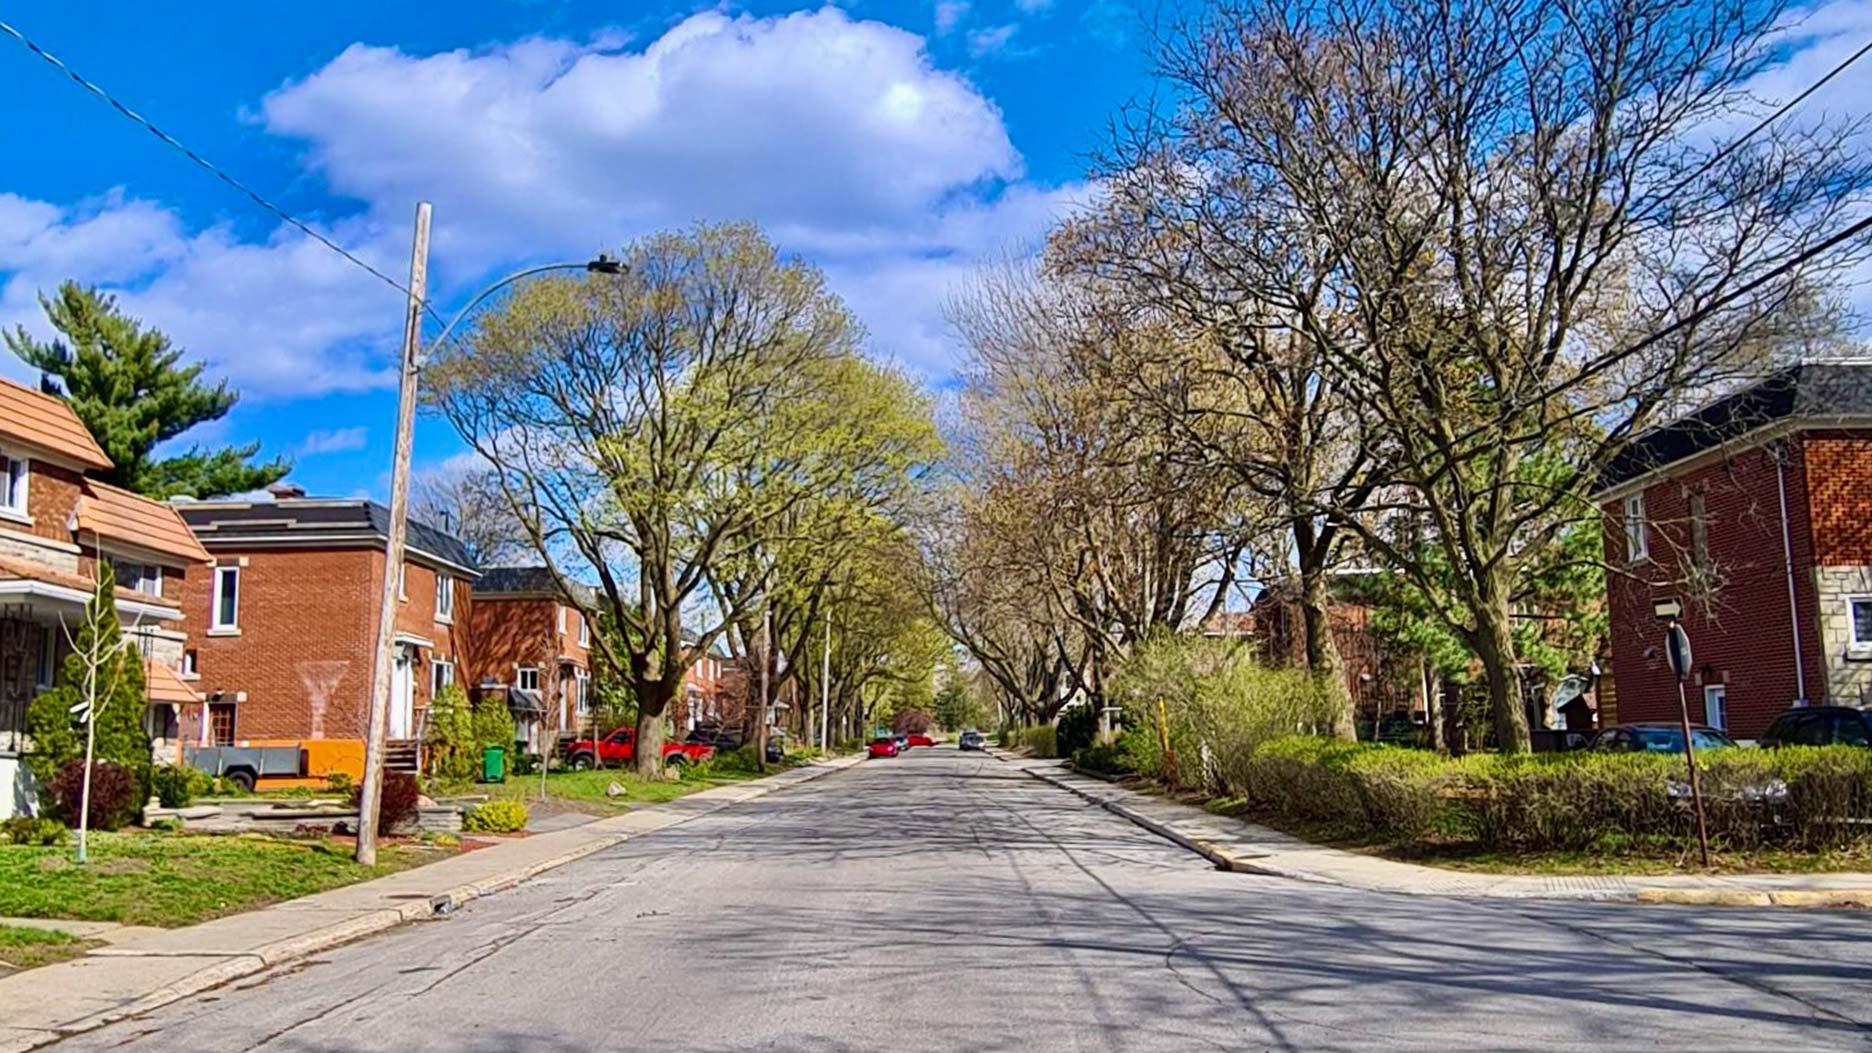 rue à montreal